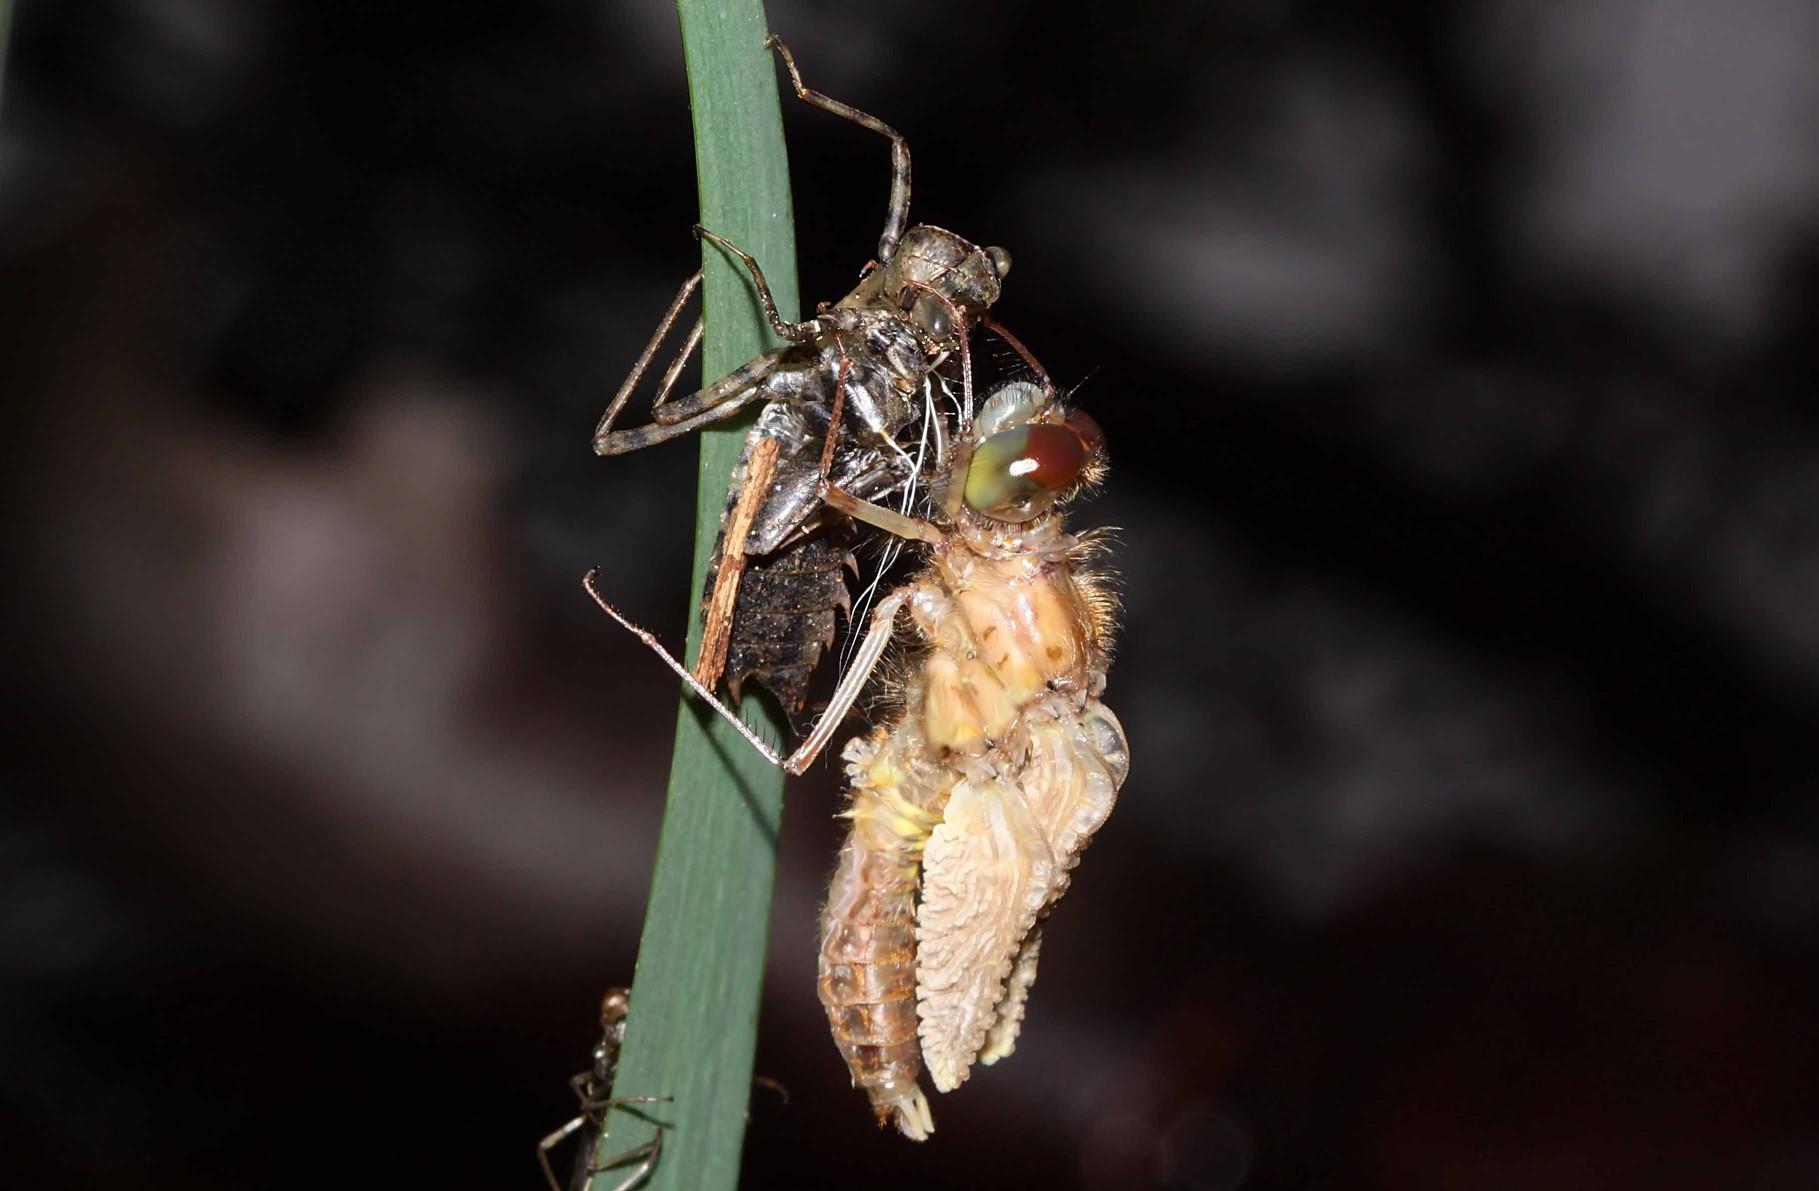 Das Tier hat die alte Haut verlassen und beginnt die Flügel aufzupumpen.